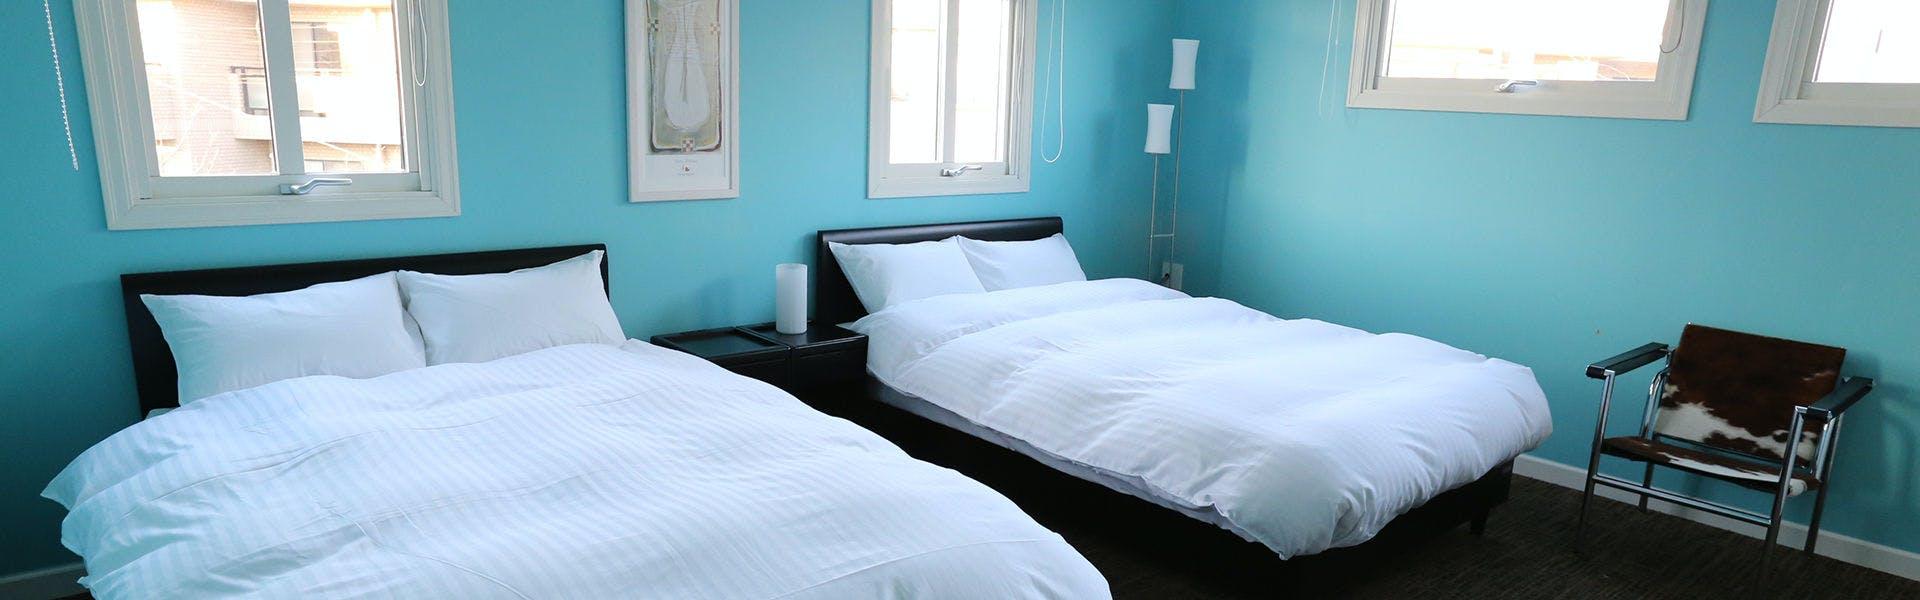 RoomA ベッドルーム